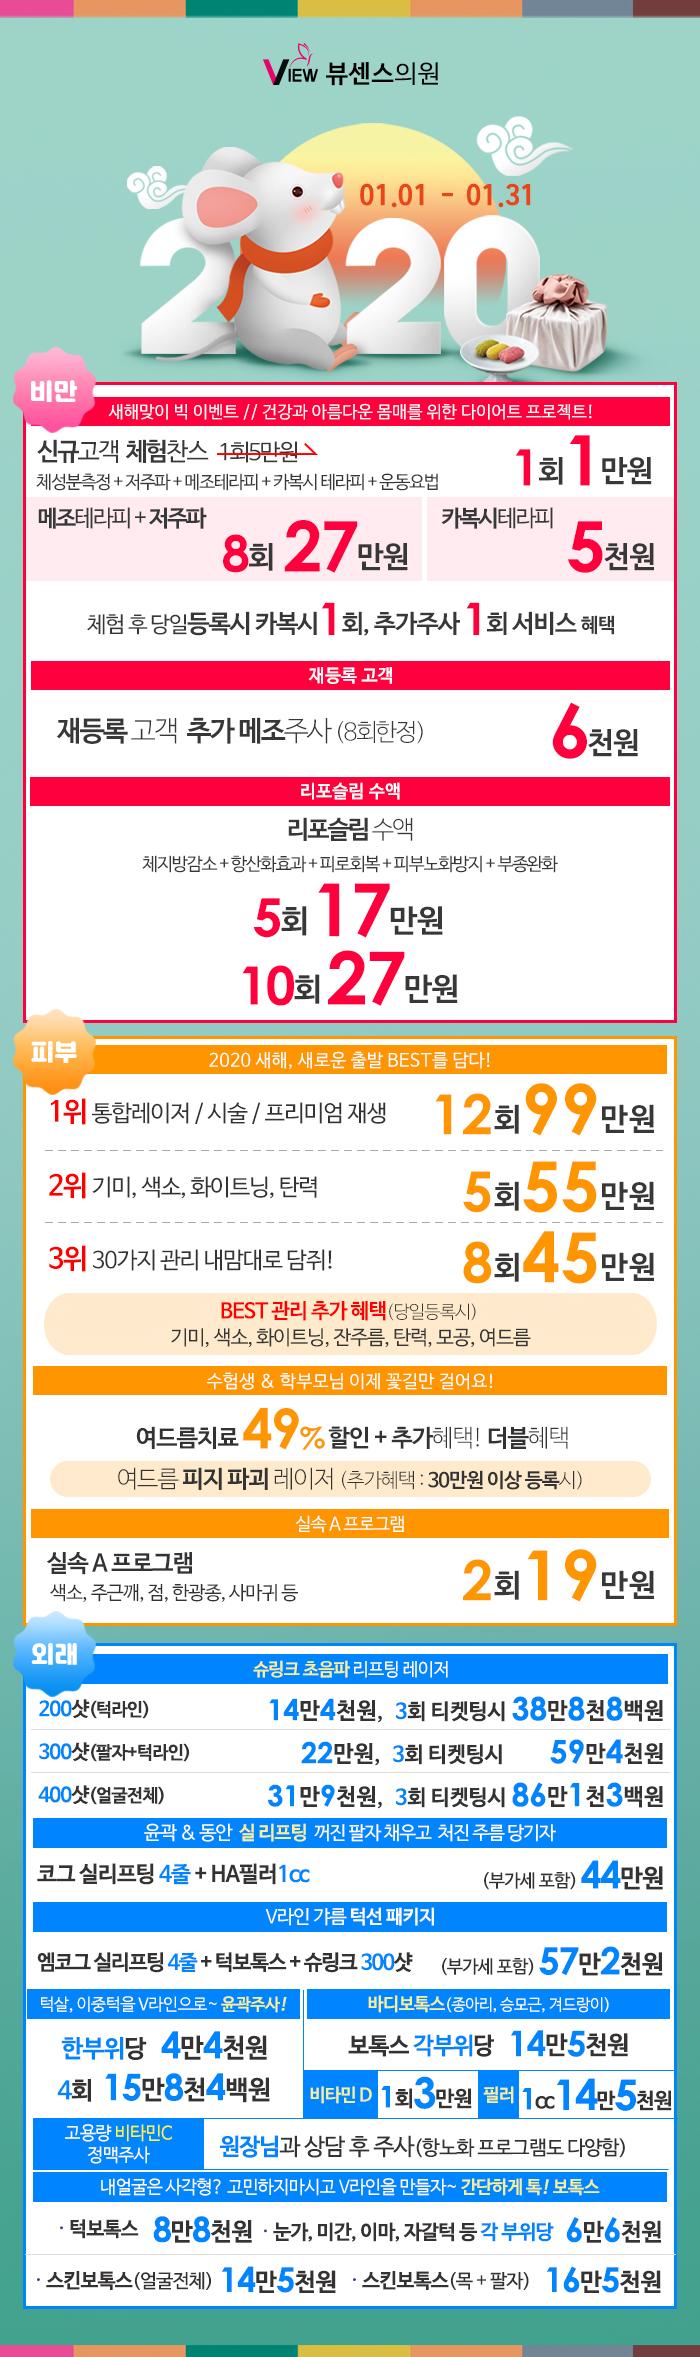 해운대_1월 이벤트 페이지.jpg